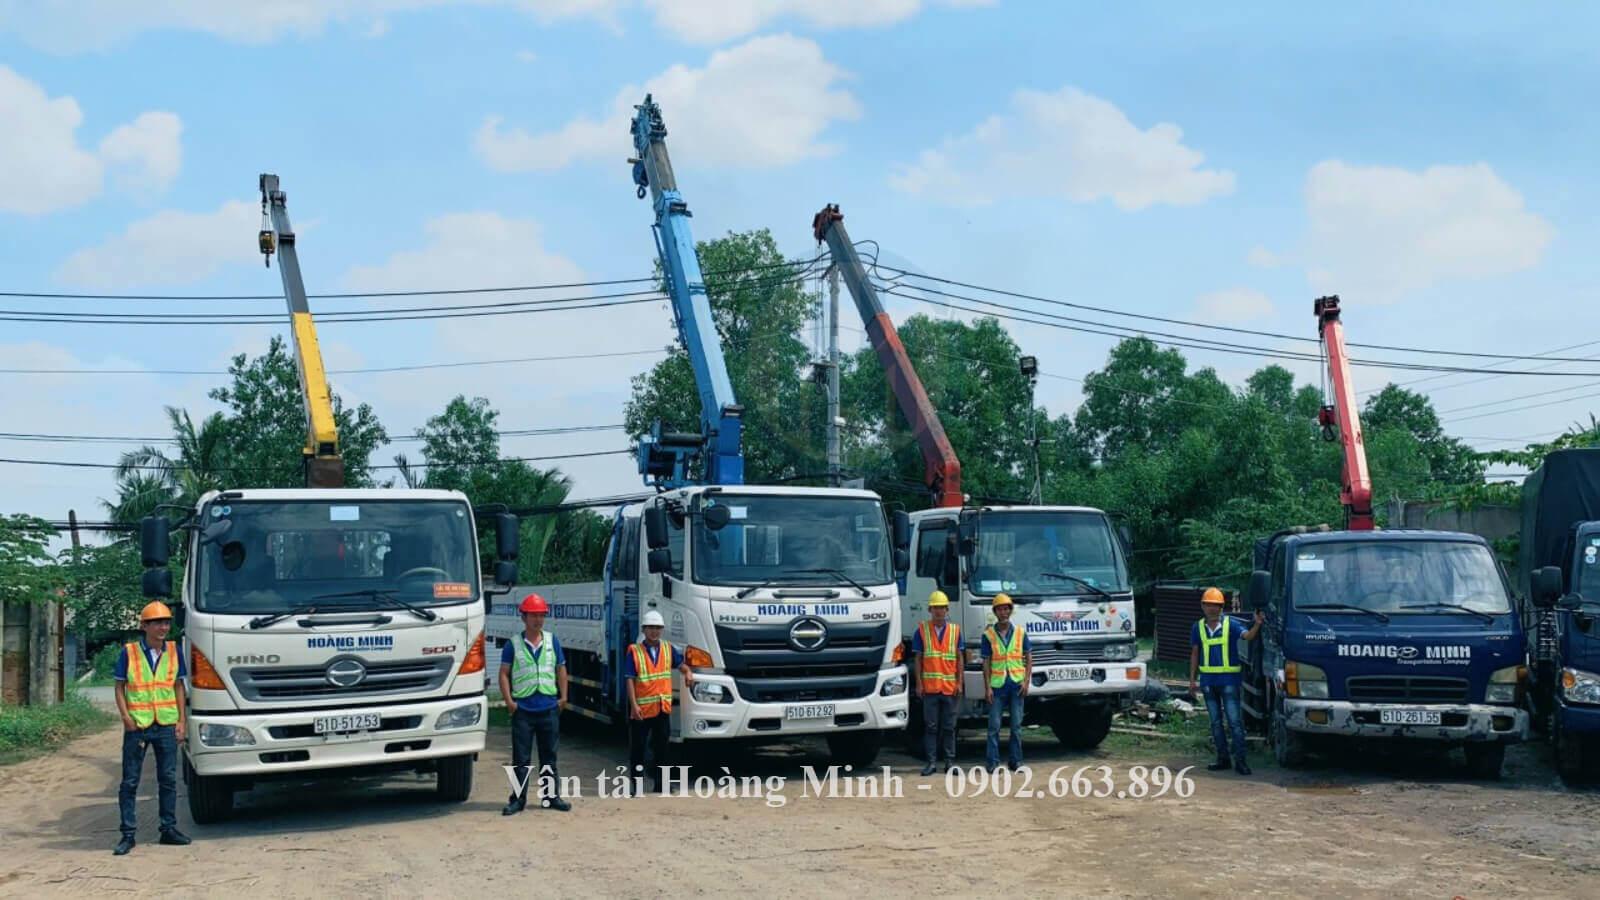 Dịch vụ xe cẩu vận chuyển hàng hoá hoàng minh